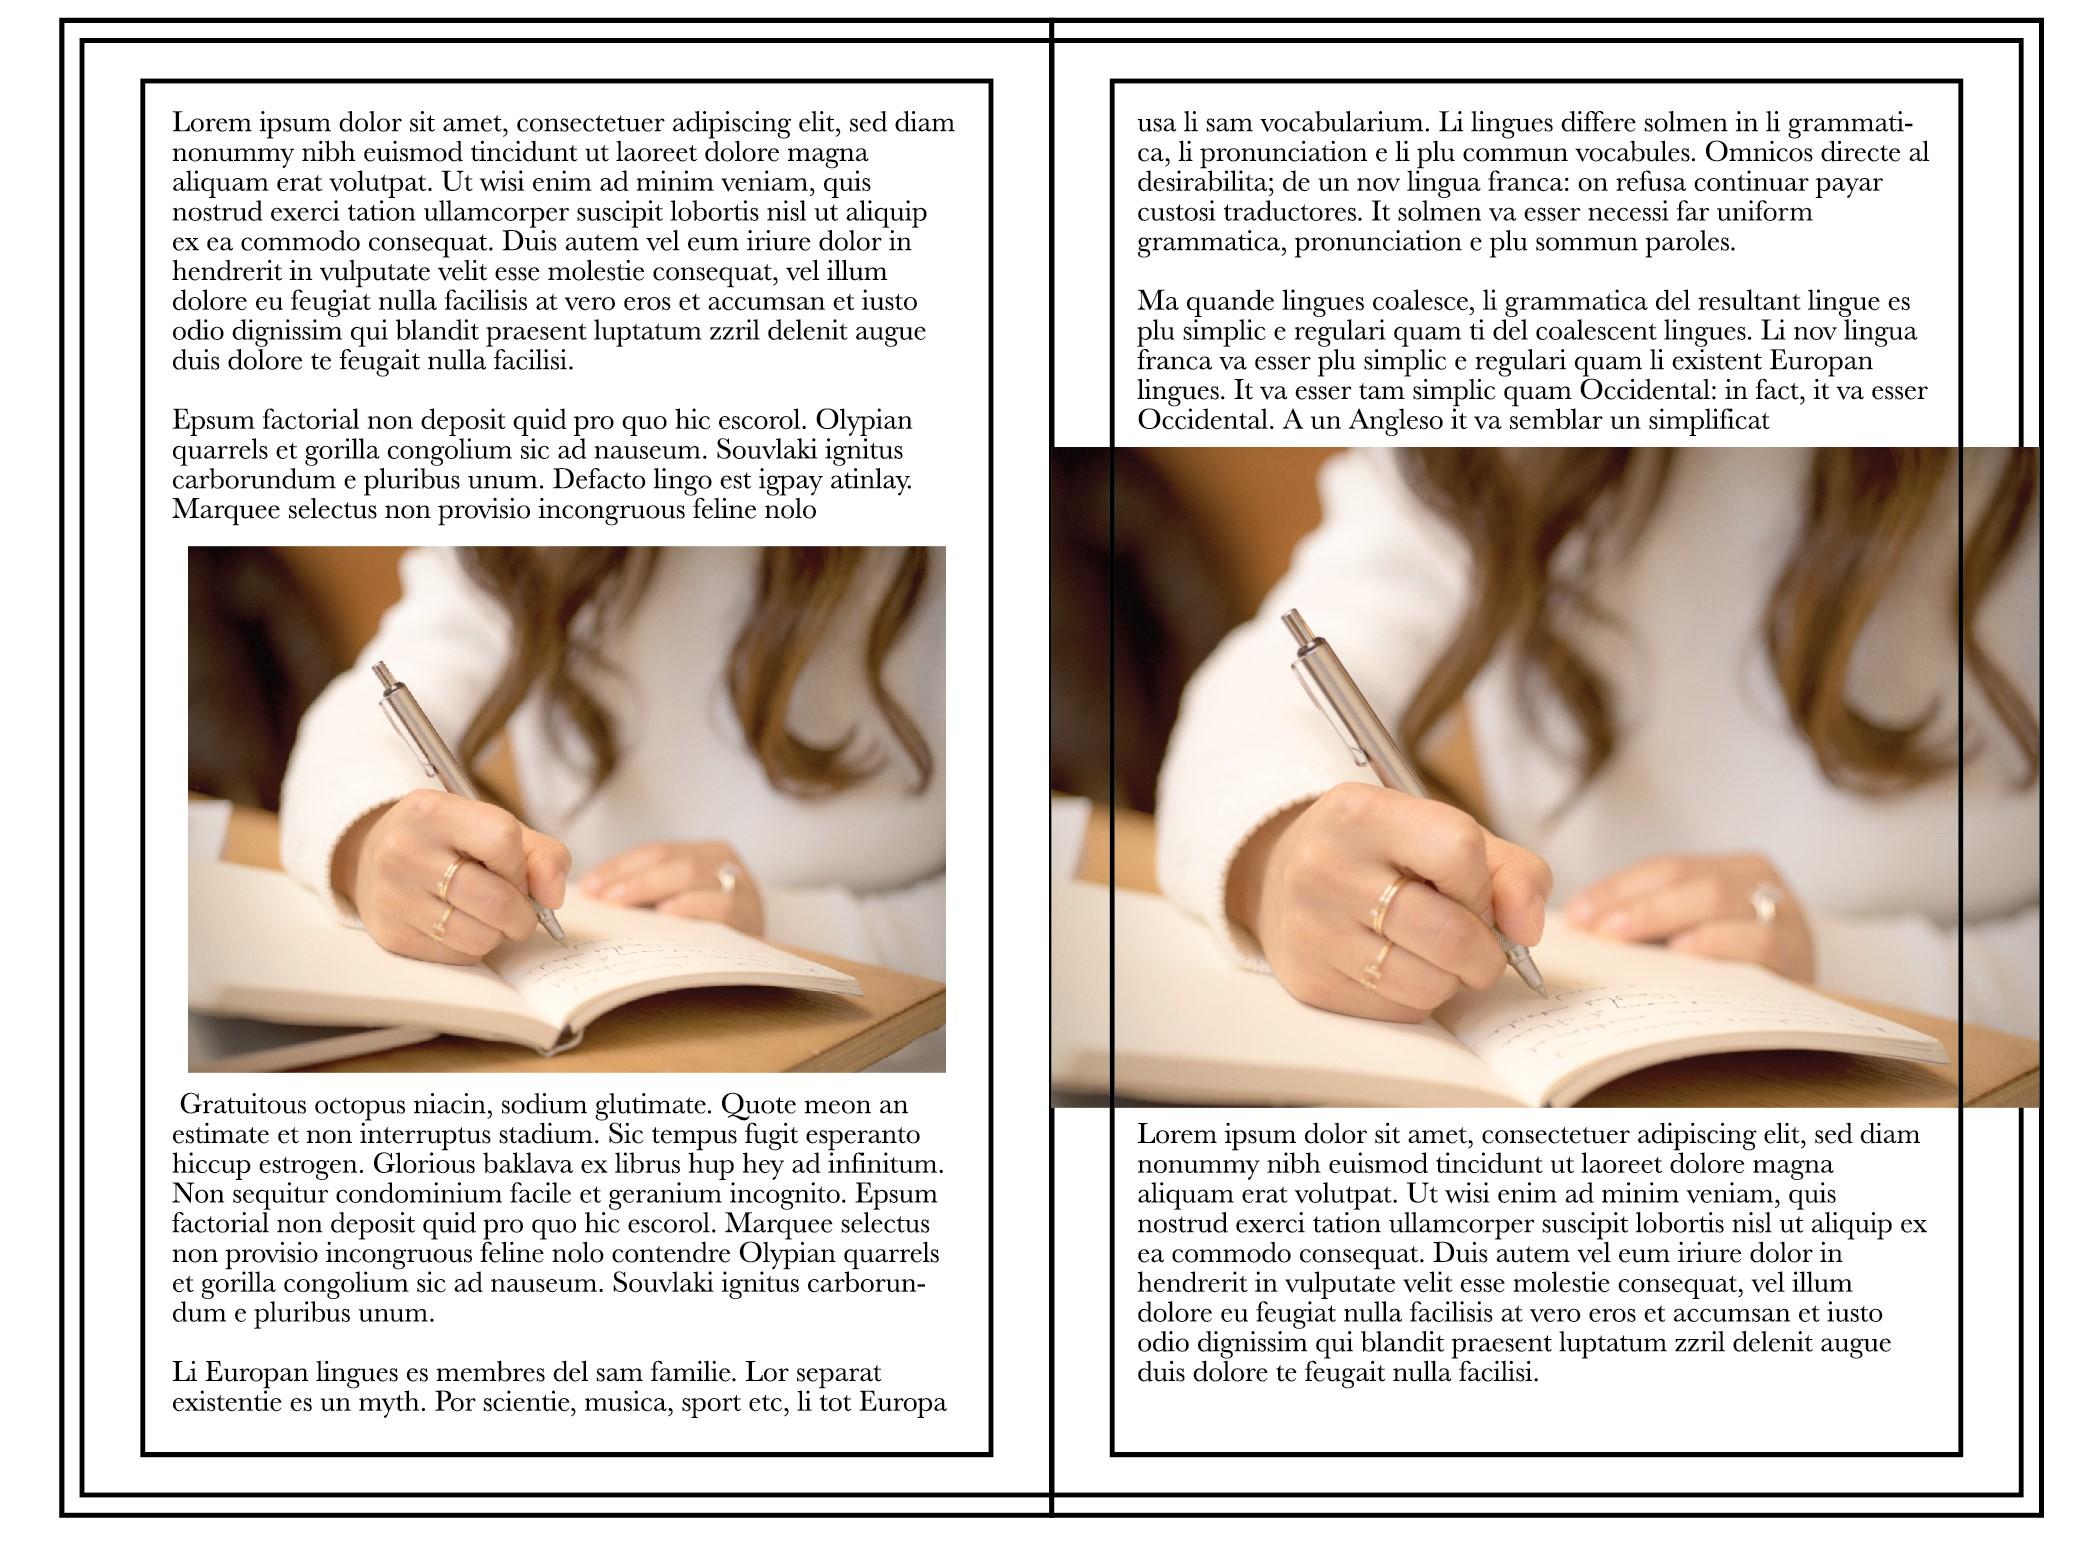 ファイル設定時の本の本文